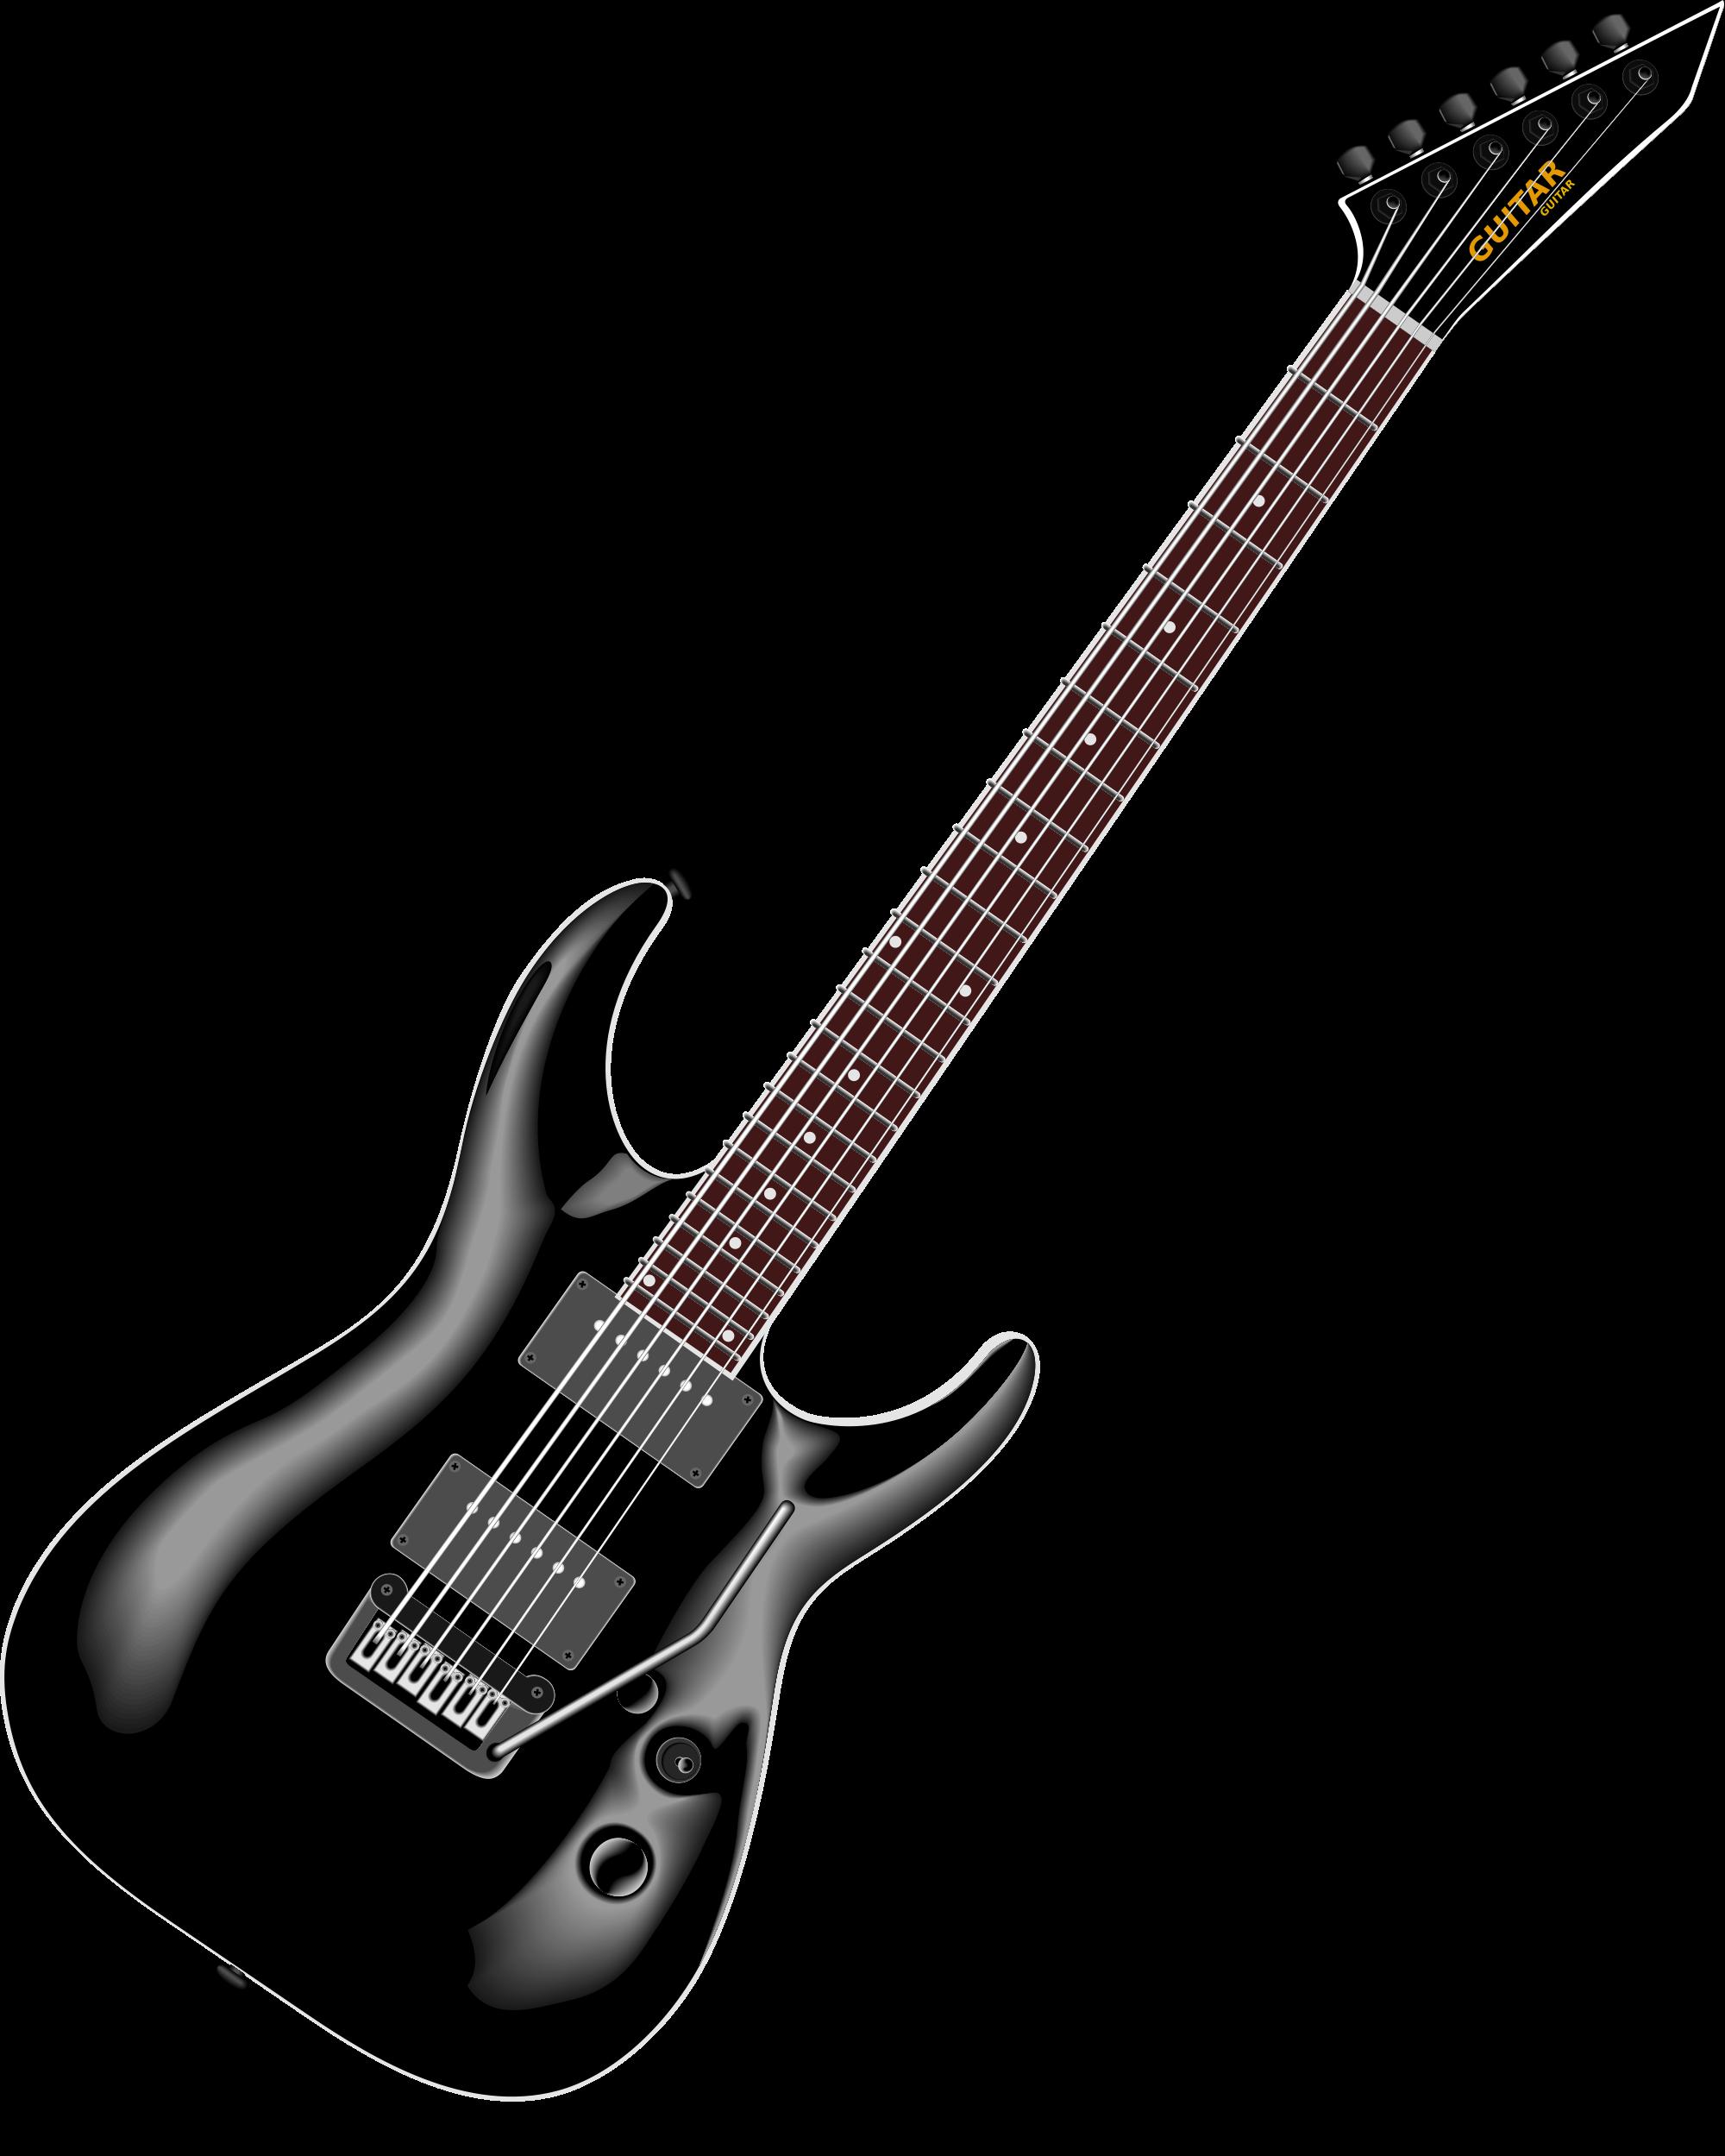 Electric Guitar Png Image Guitar Electric Guitar Semi Acoustic Guitar